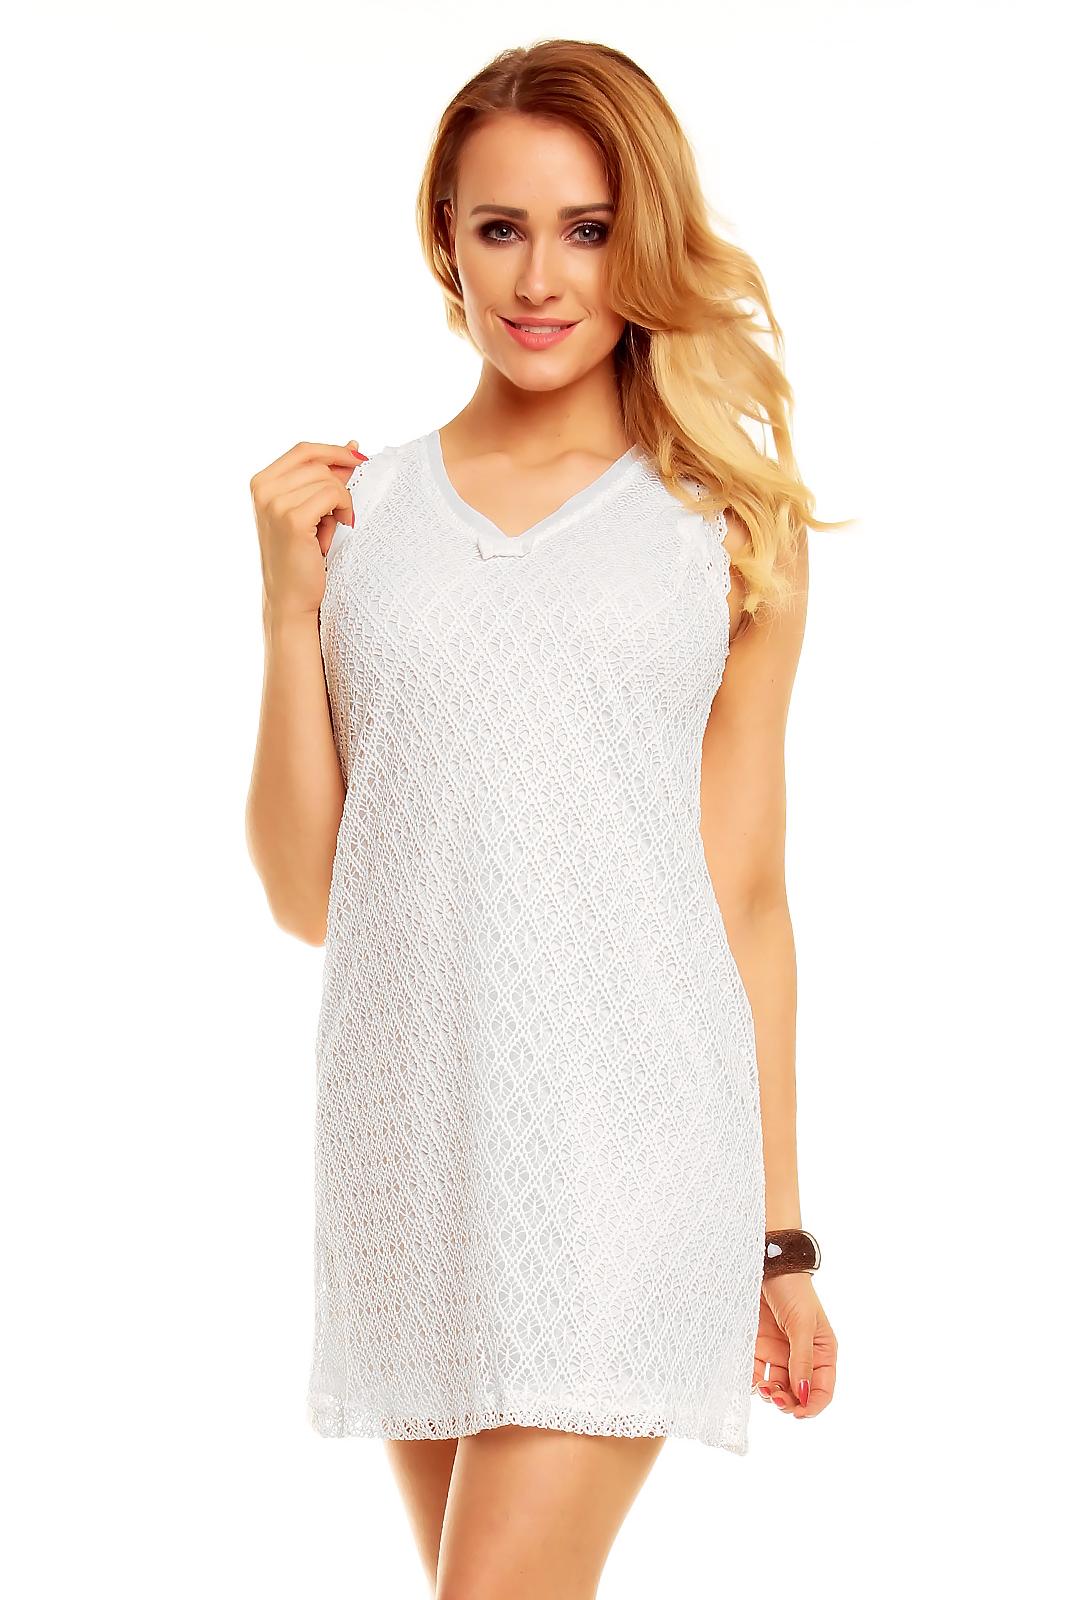 3dbc51e4f013 Biena Neodolateľné háčkované mini šaty   Biena dámske oblečenie